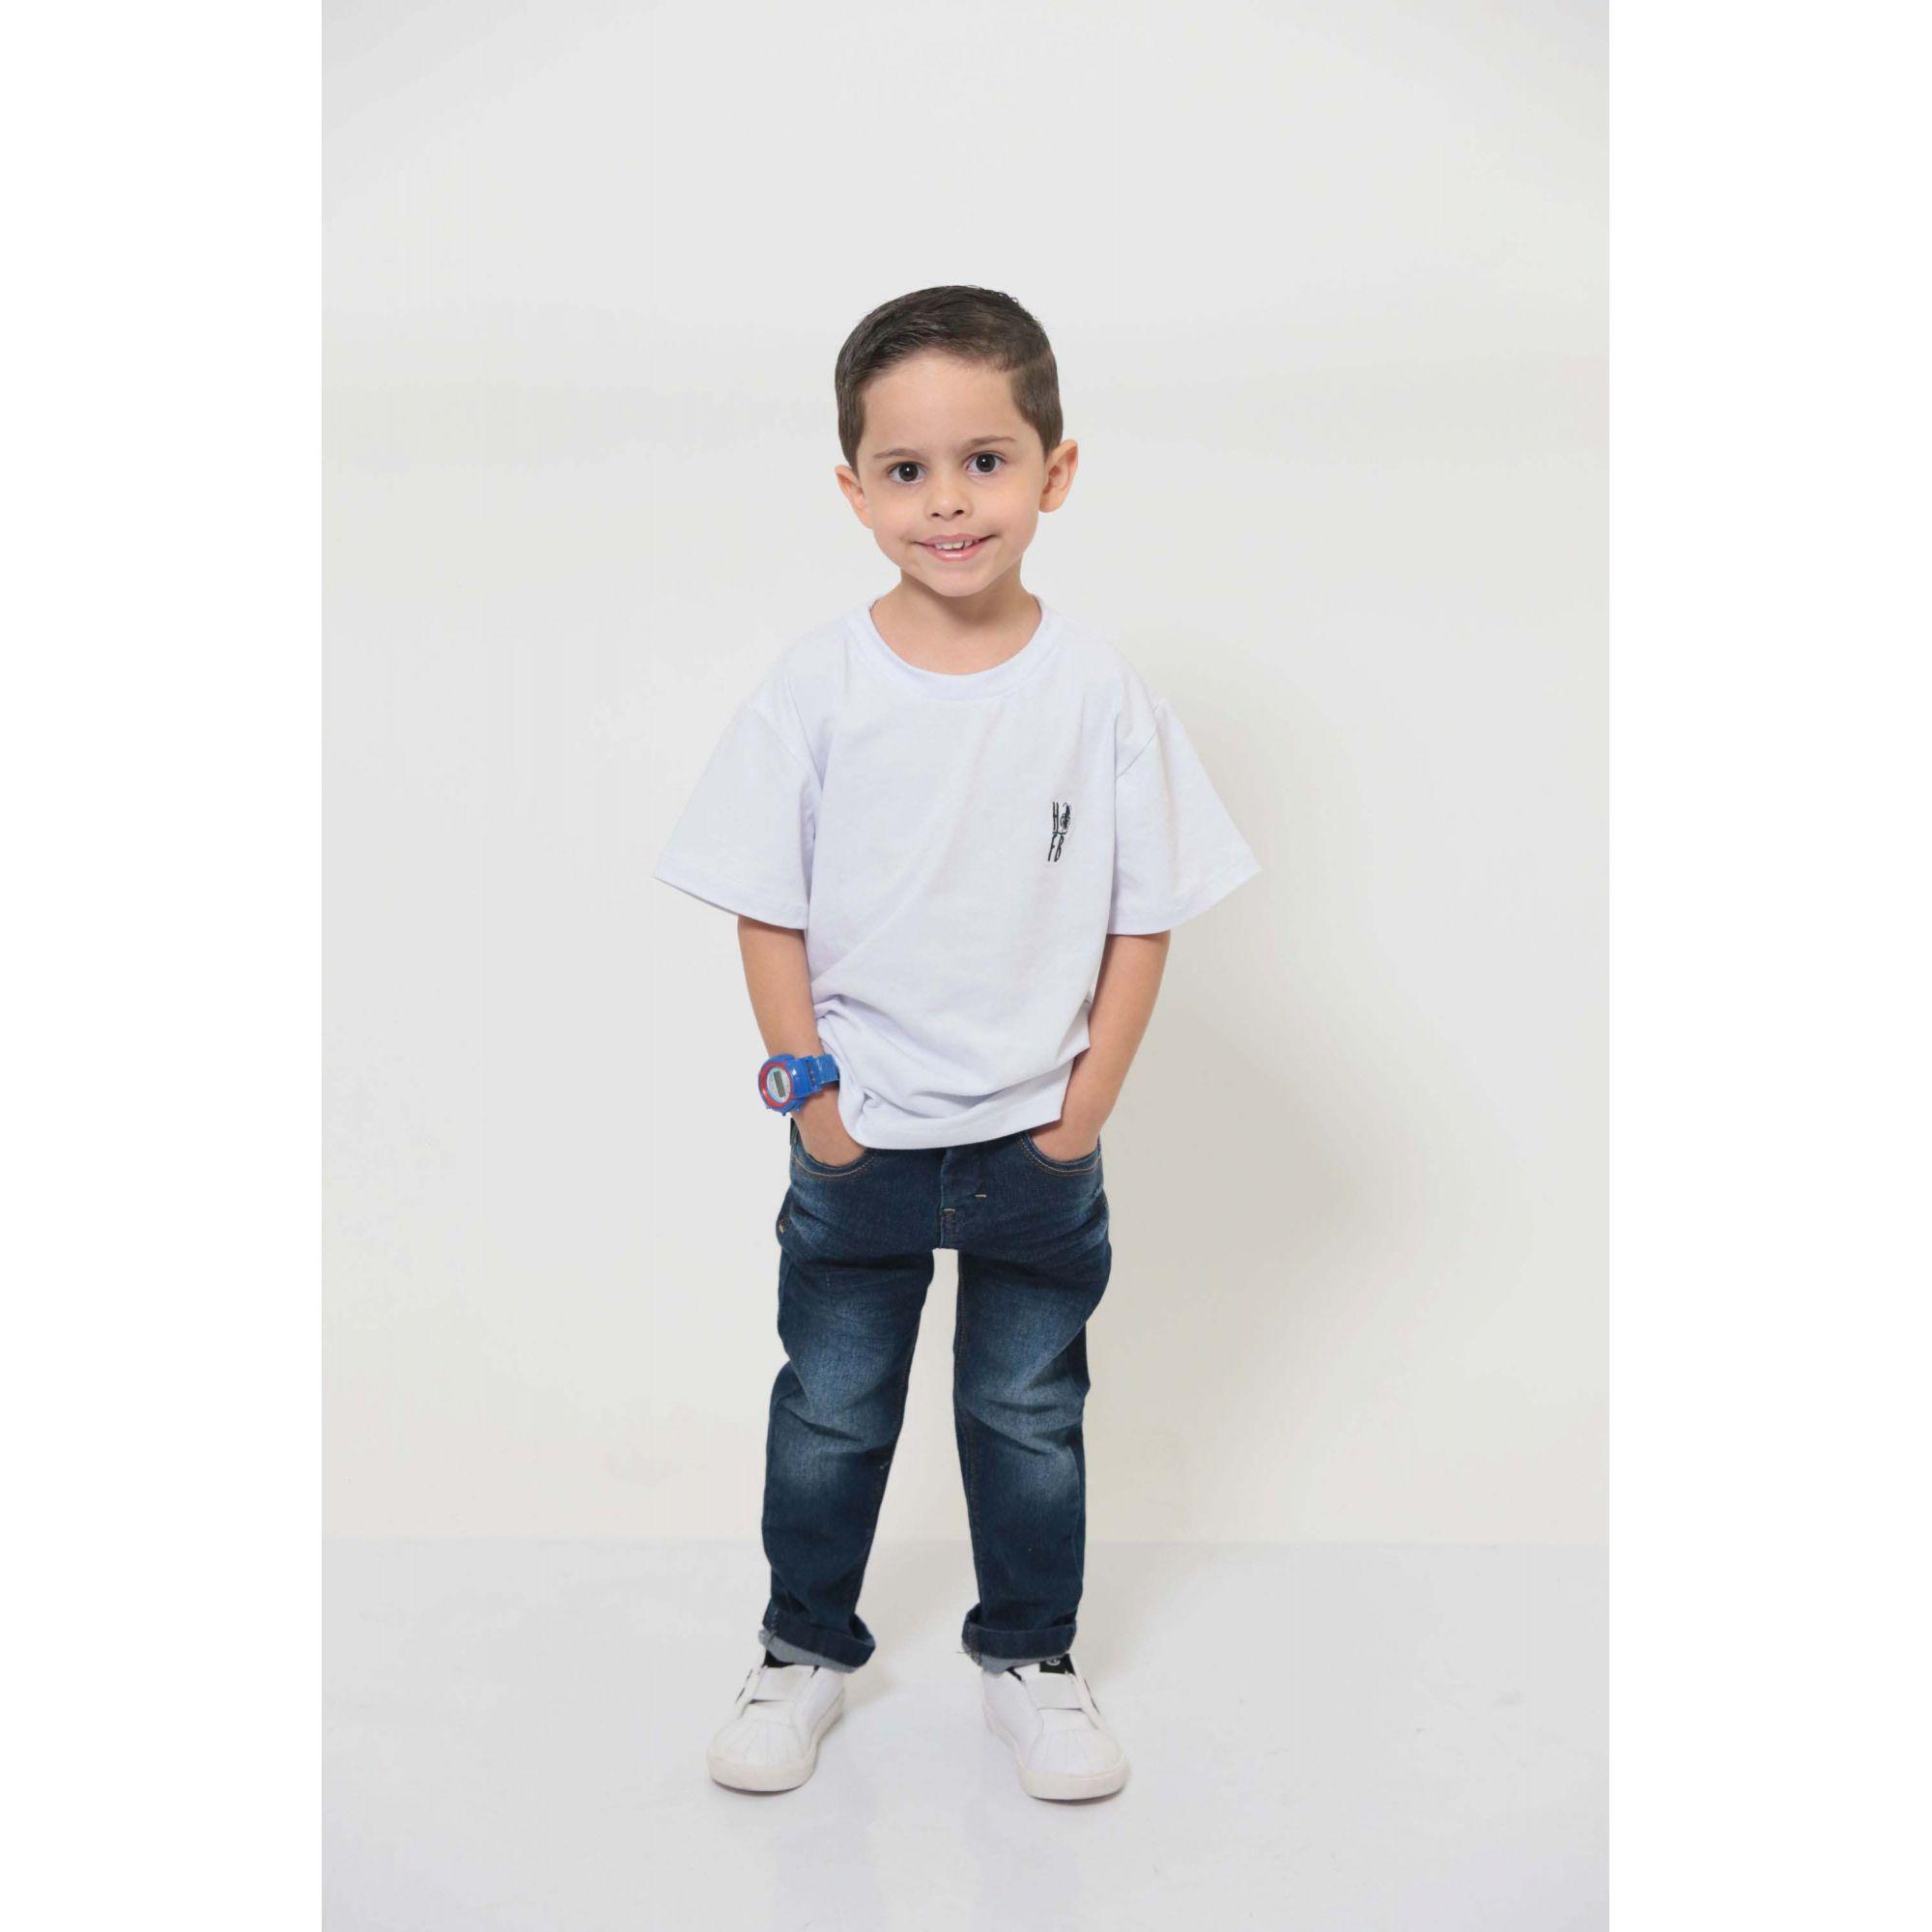 T-Shirt ou Body Branca - Infantil - Unissex